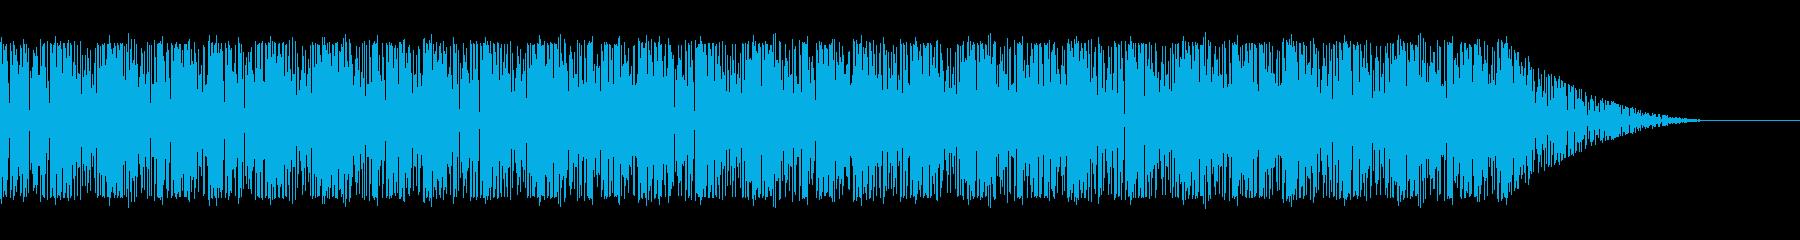 サイバーパンクな雰囲気がかっこいいループの再生済みの波形